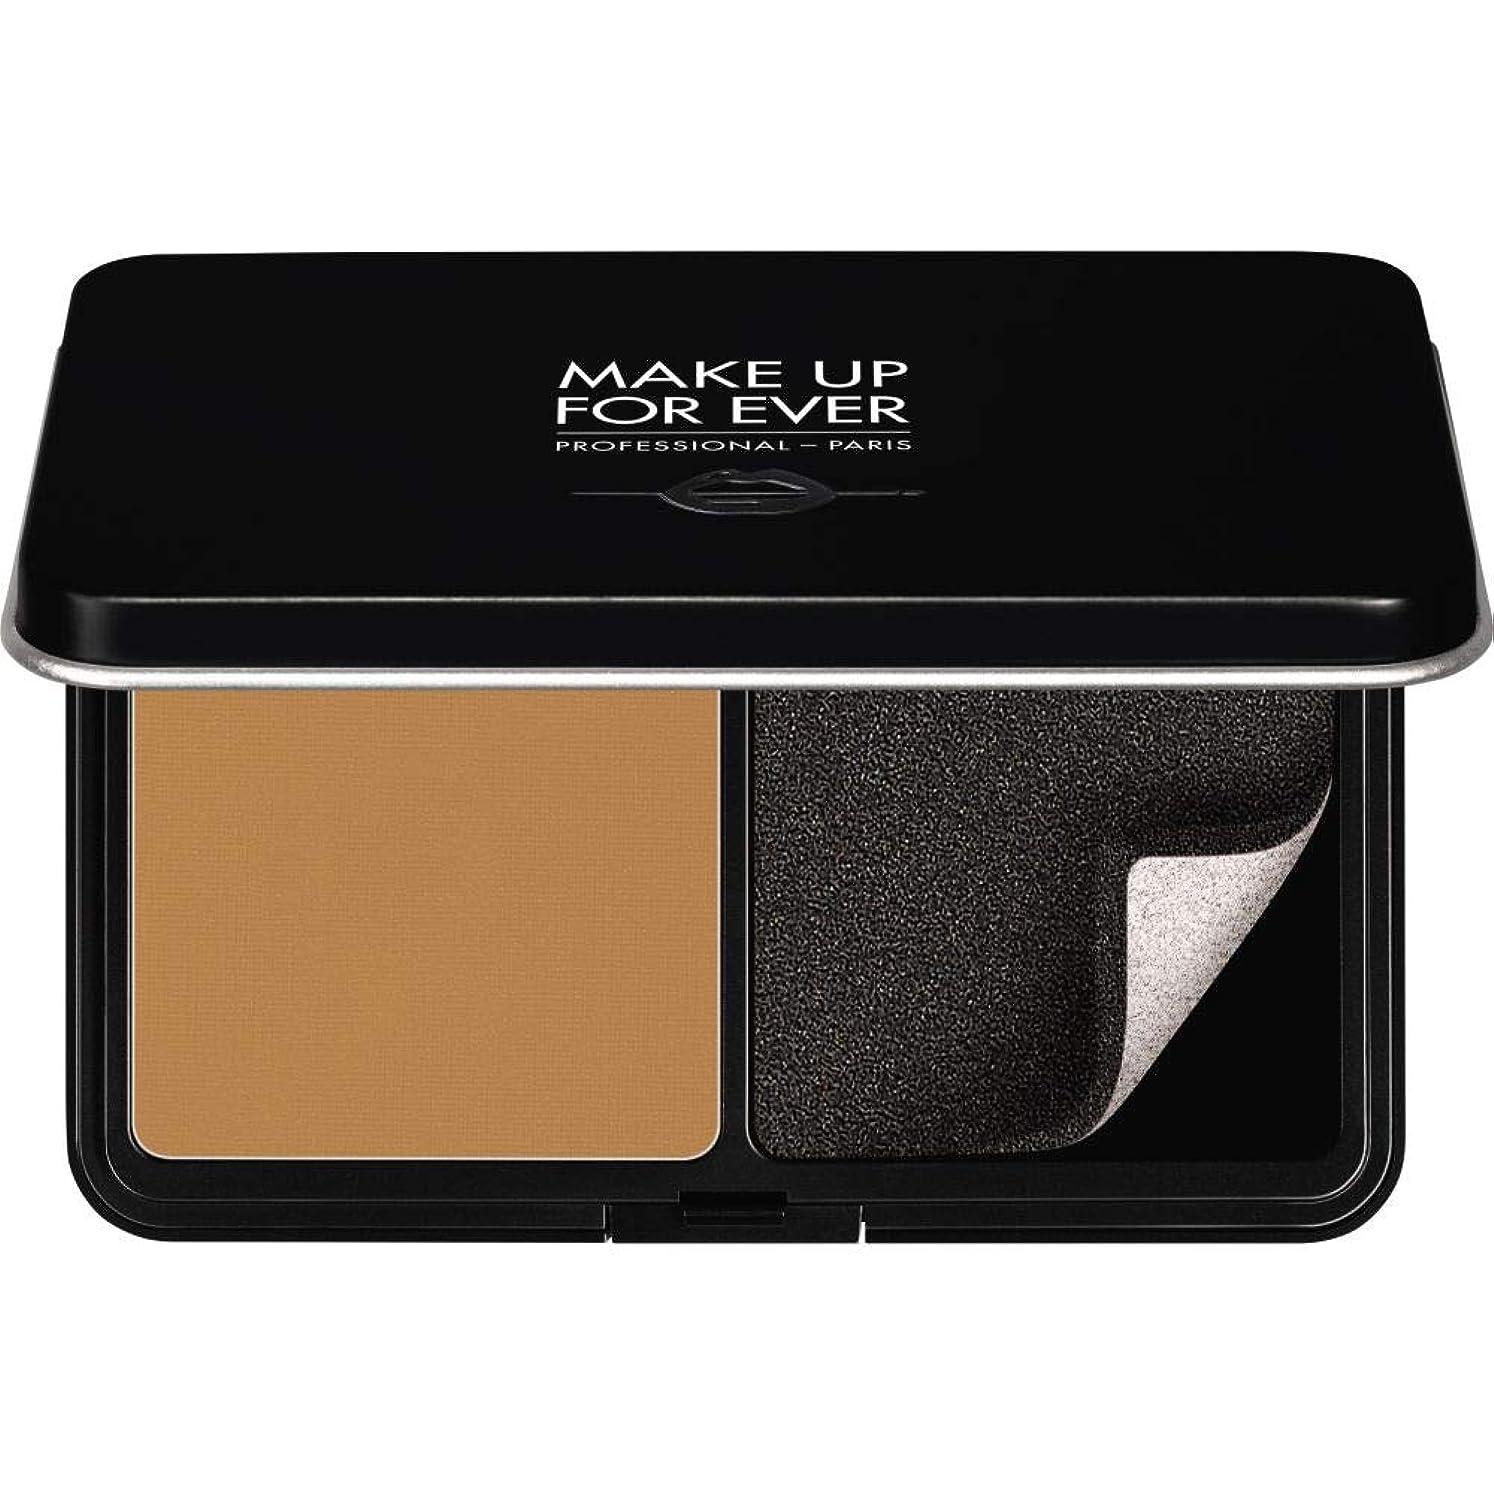 靴流体血色の良い[MAKE UP FOR EVER ] パウダーファンデーション11GののY455をぼかし、これまでマットベルベットの肌を補う - プラリネ - MAKE UP FOR EVER Matte Velvet Skin Blurring Powder Foundation 11g Y455 - Praline [並行輸入品]